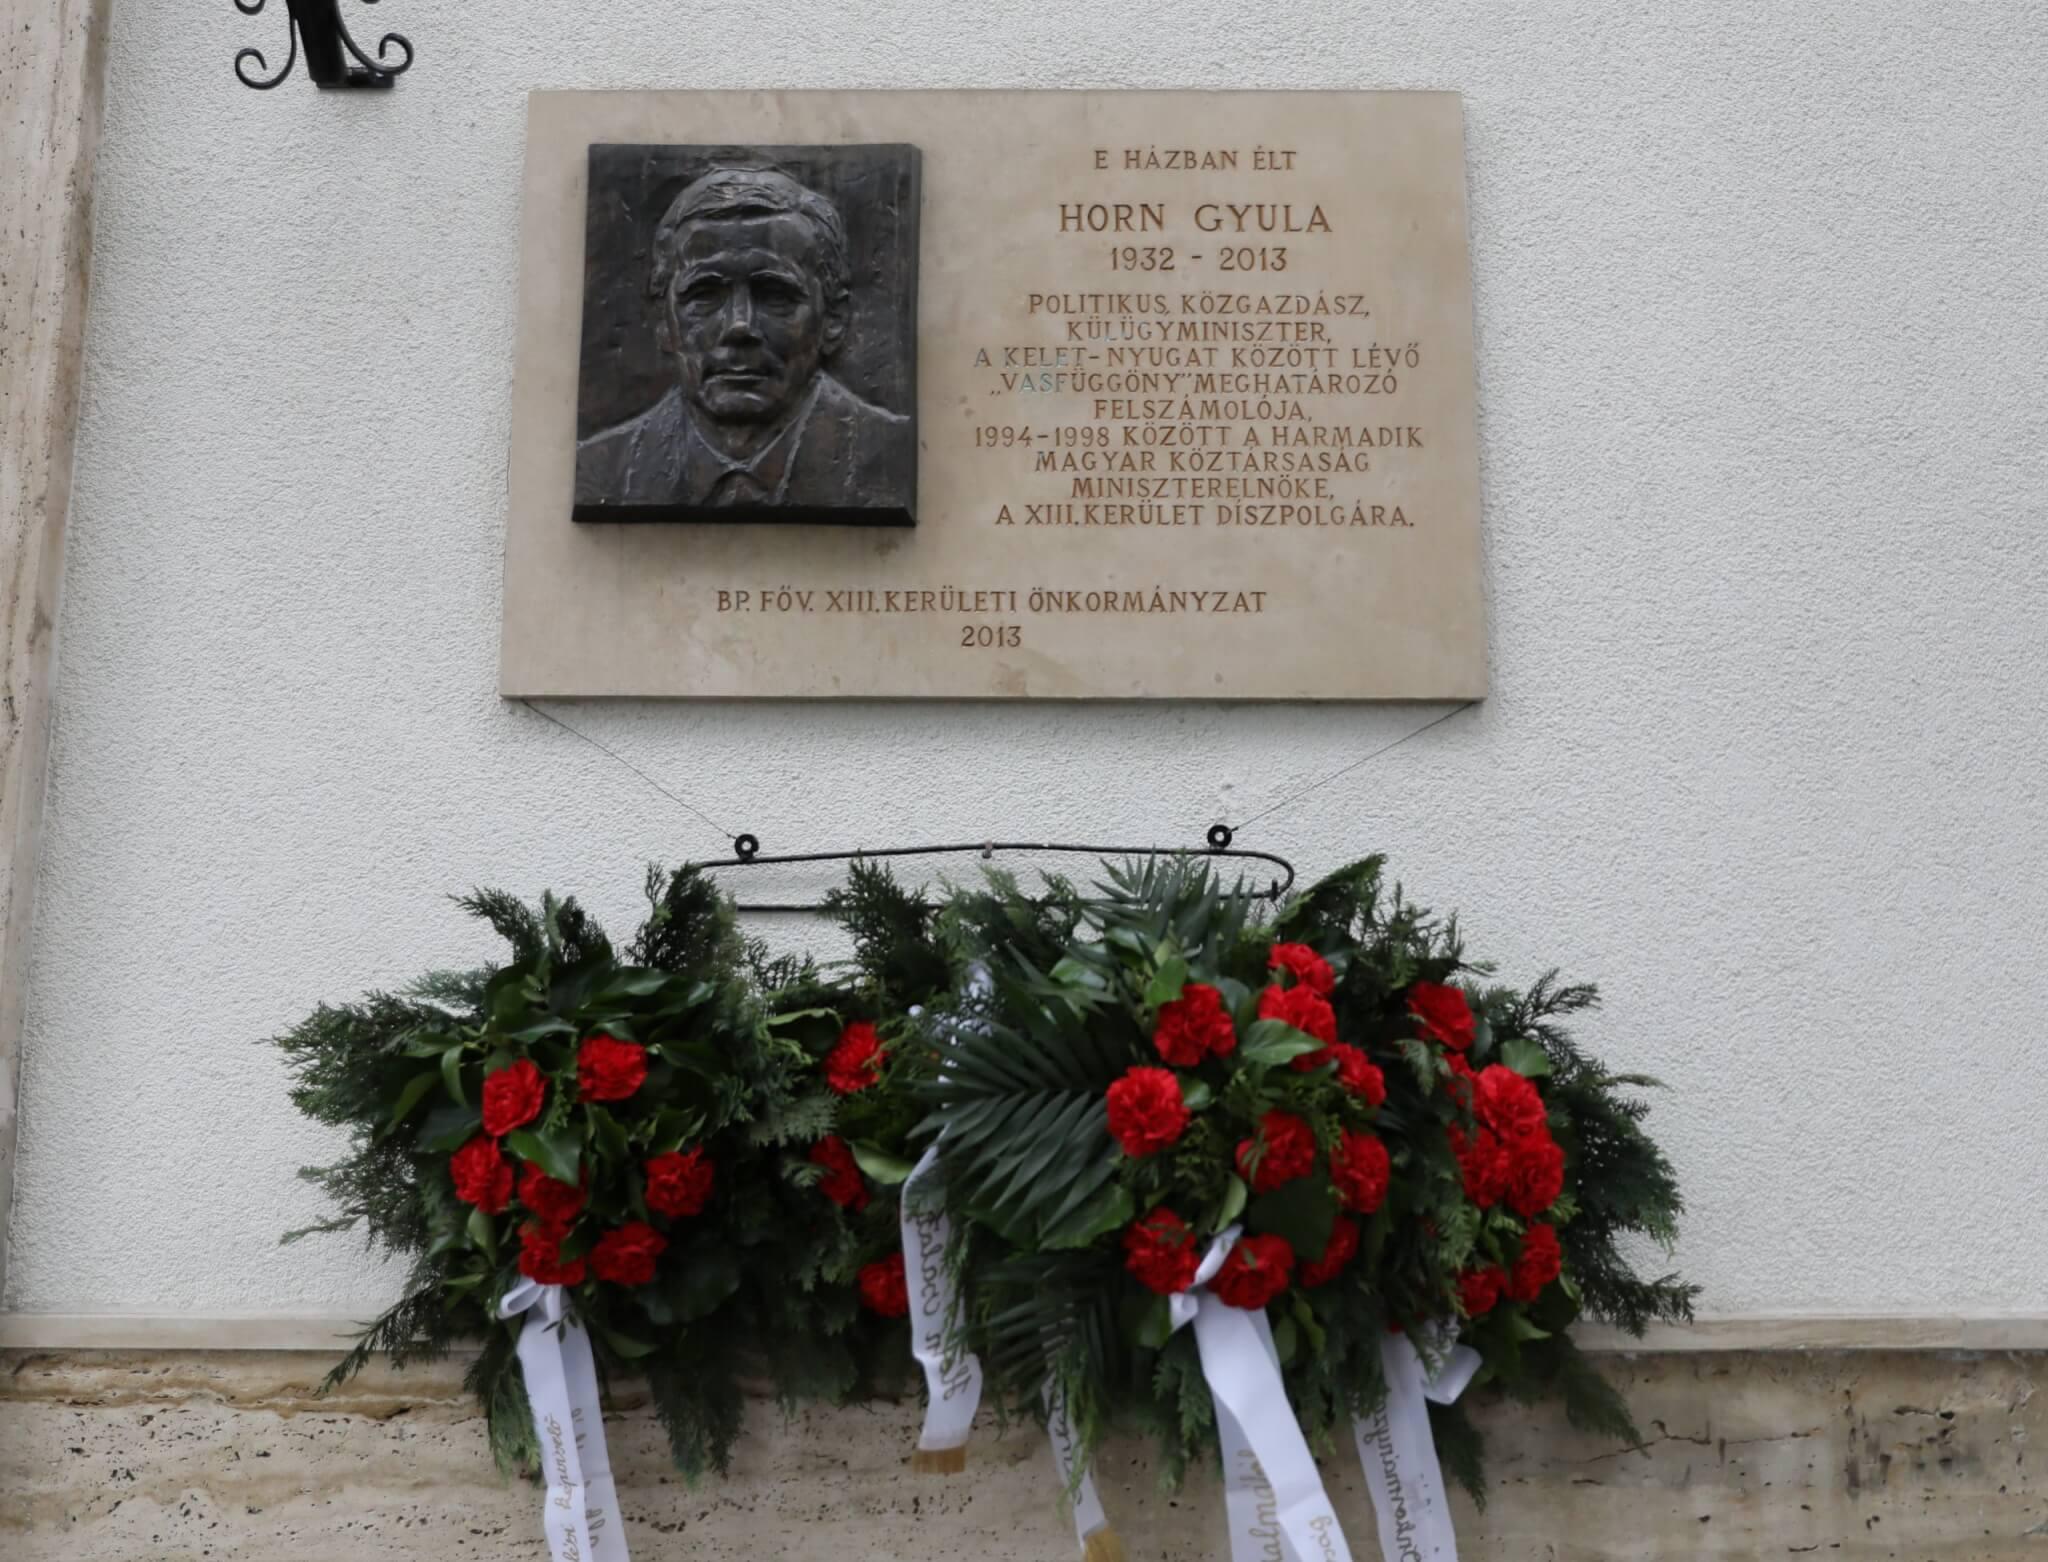 Horn Gyula emléktáblája